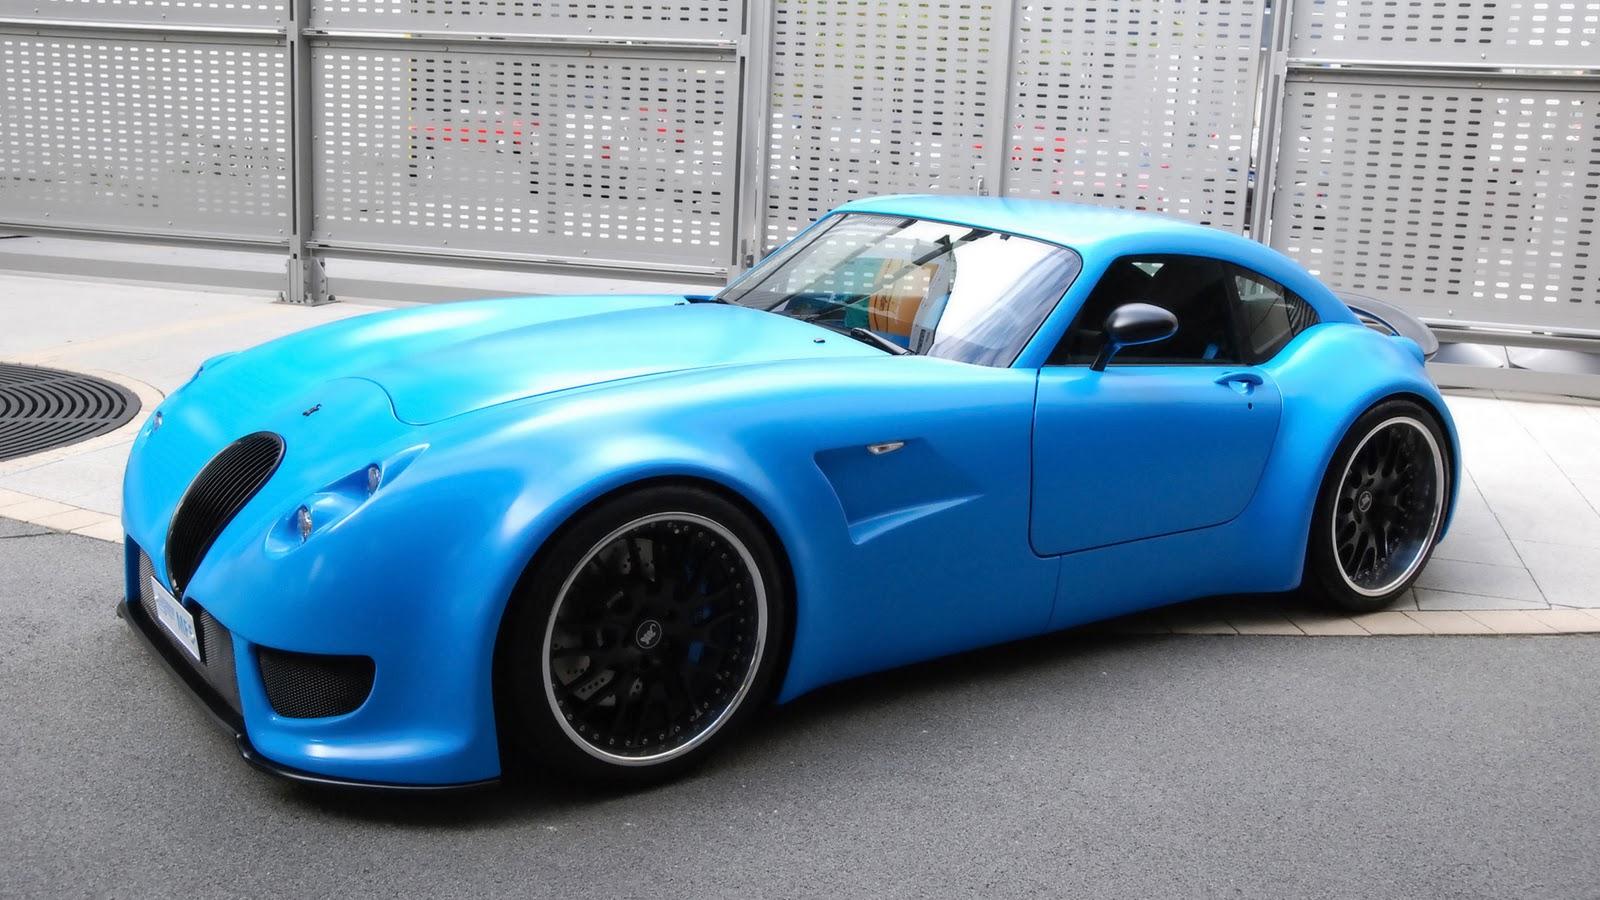 http://3.bp.blogspot.com/-V4MTxXoXKyI/TpNnevuxZQI/AAAAAAAAAjo/UgtyuB1axaM/s1600/hd+car+wallpapers+1080p+3.jpg